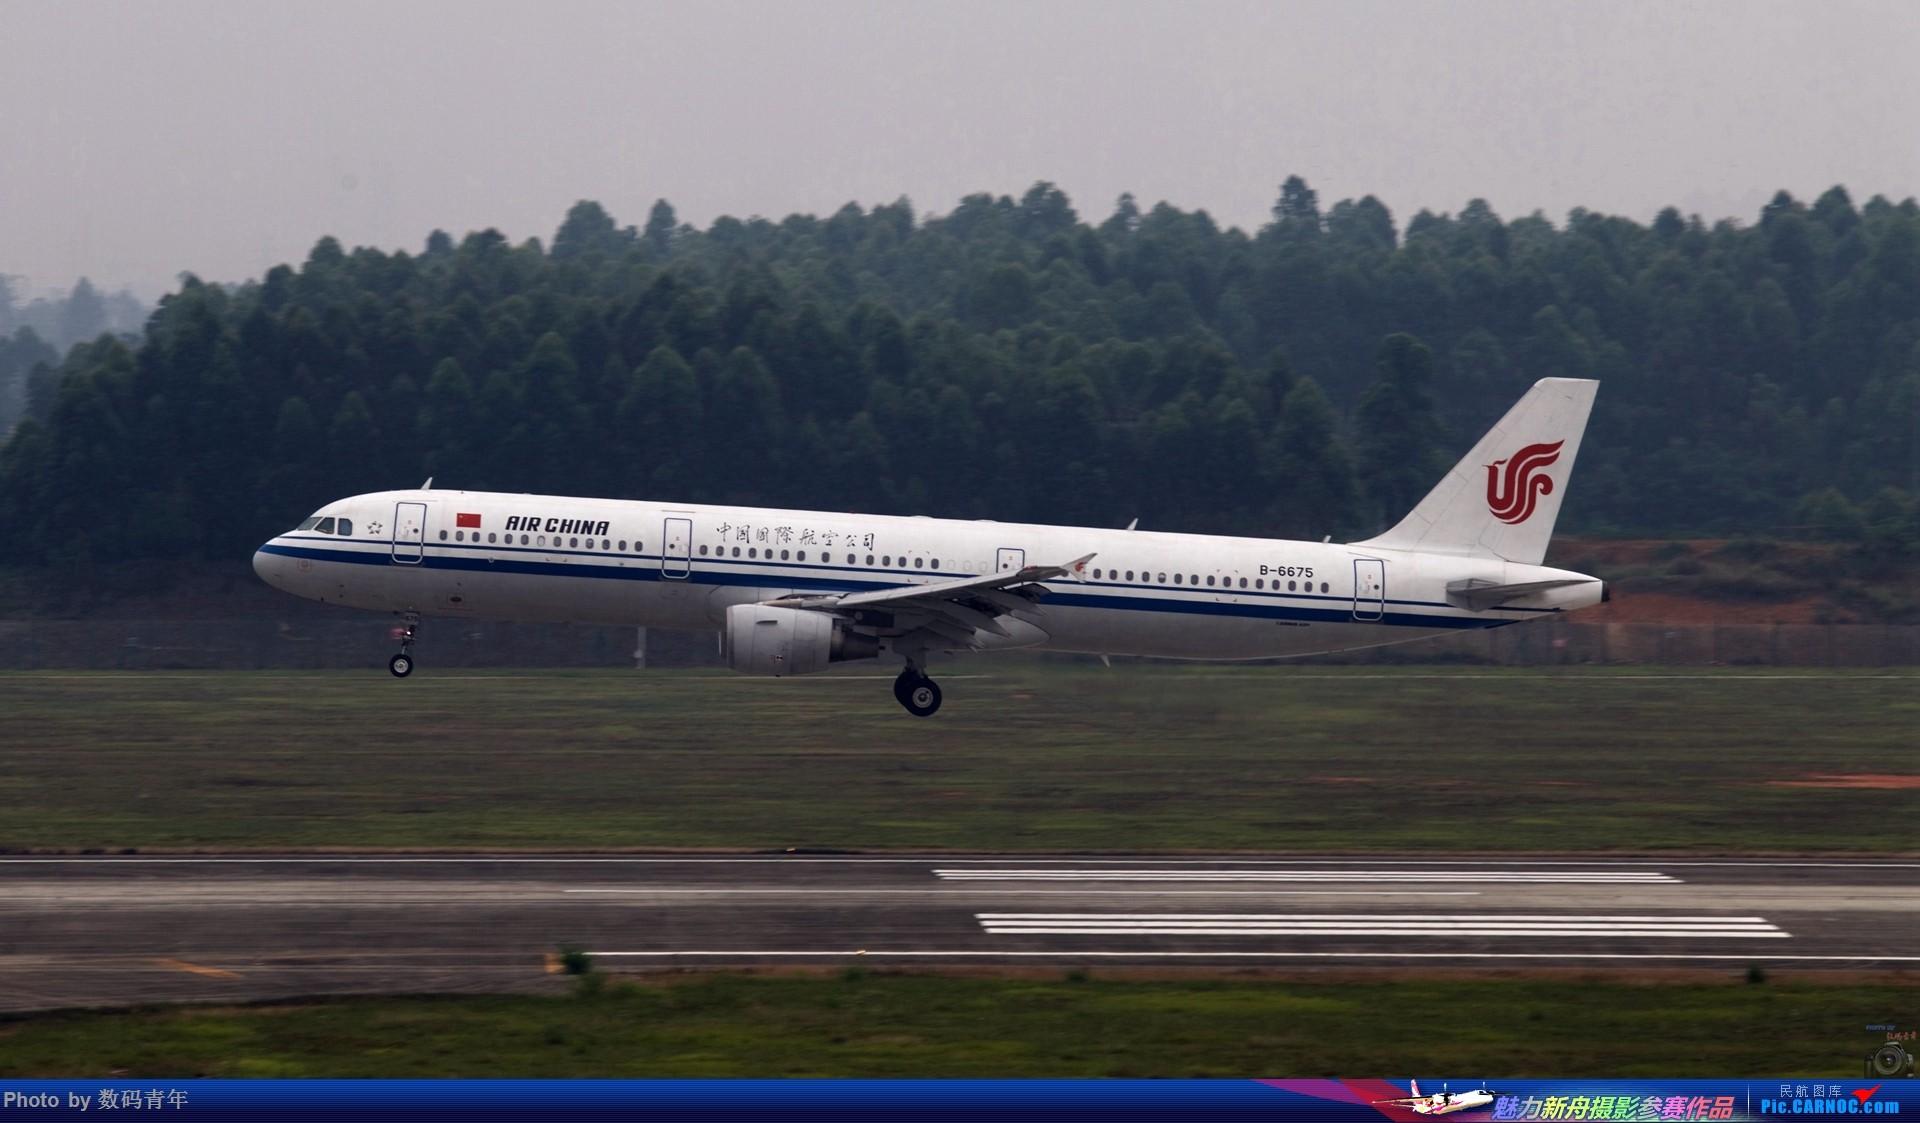 Re:[原创]重出江湖【CTU】2015.5.17打飞机 AIRBUS A321-200 B-6675 中国成都双流国际机场